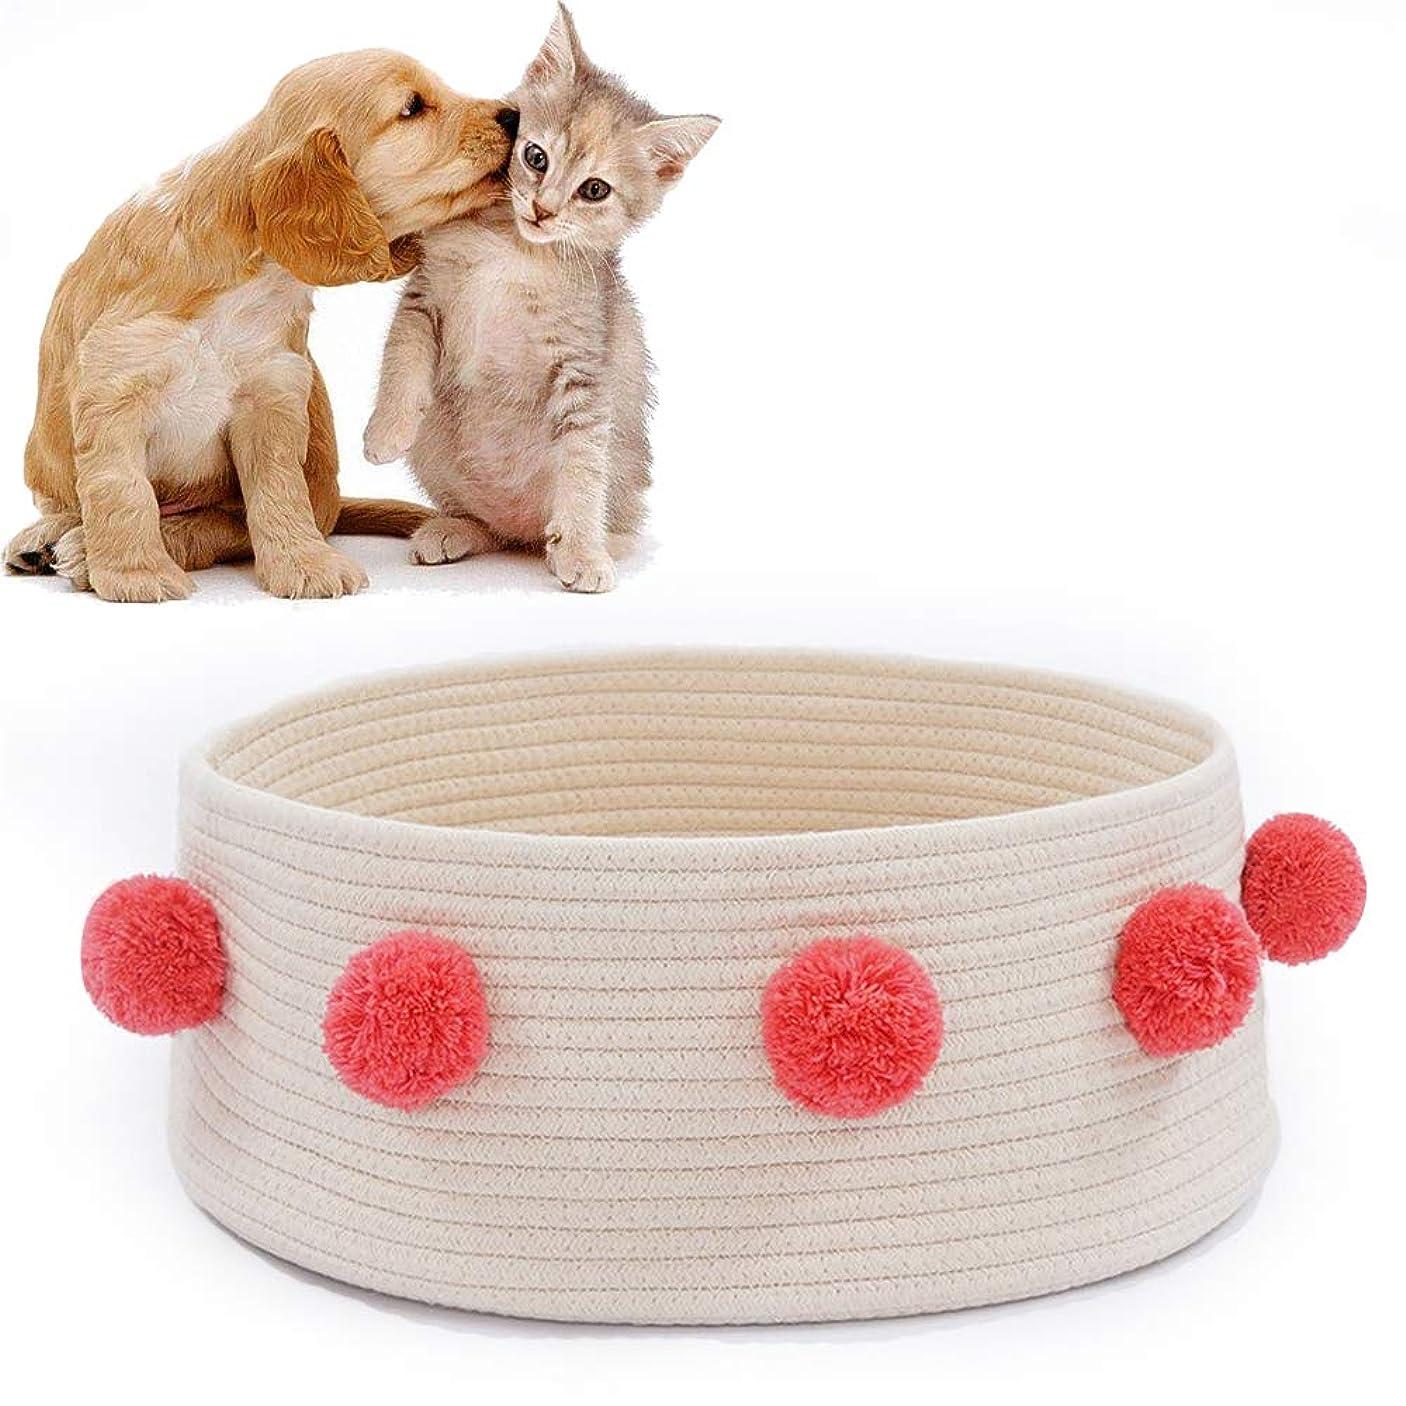 セットアップパキスタン人バイアスsunnymall 洗える 猫用ベッド 全季節快適 小型犬 ペット 夏冬両用 通気性 昼寝 日向ぼっこ 折りたたみ可 持ち運び簡単 丈夫 おしゃれ 円形 ロープ素材編み CW019 (クリーム)